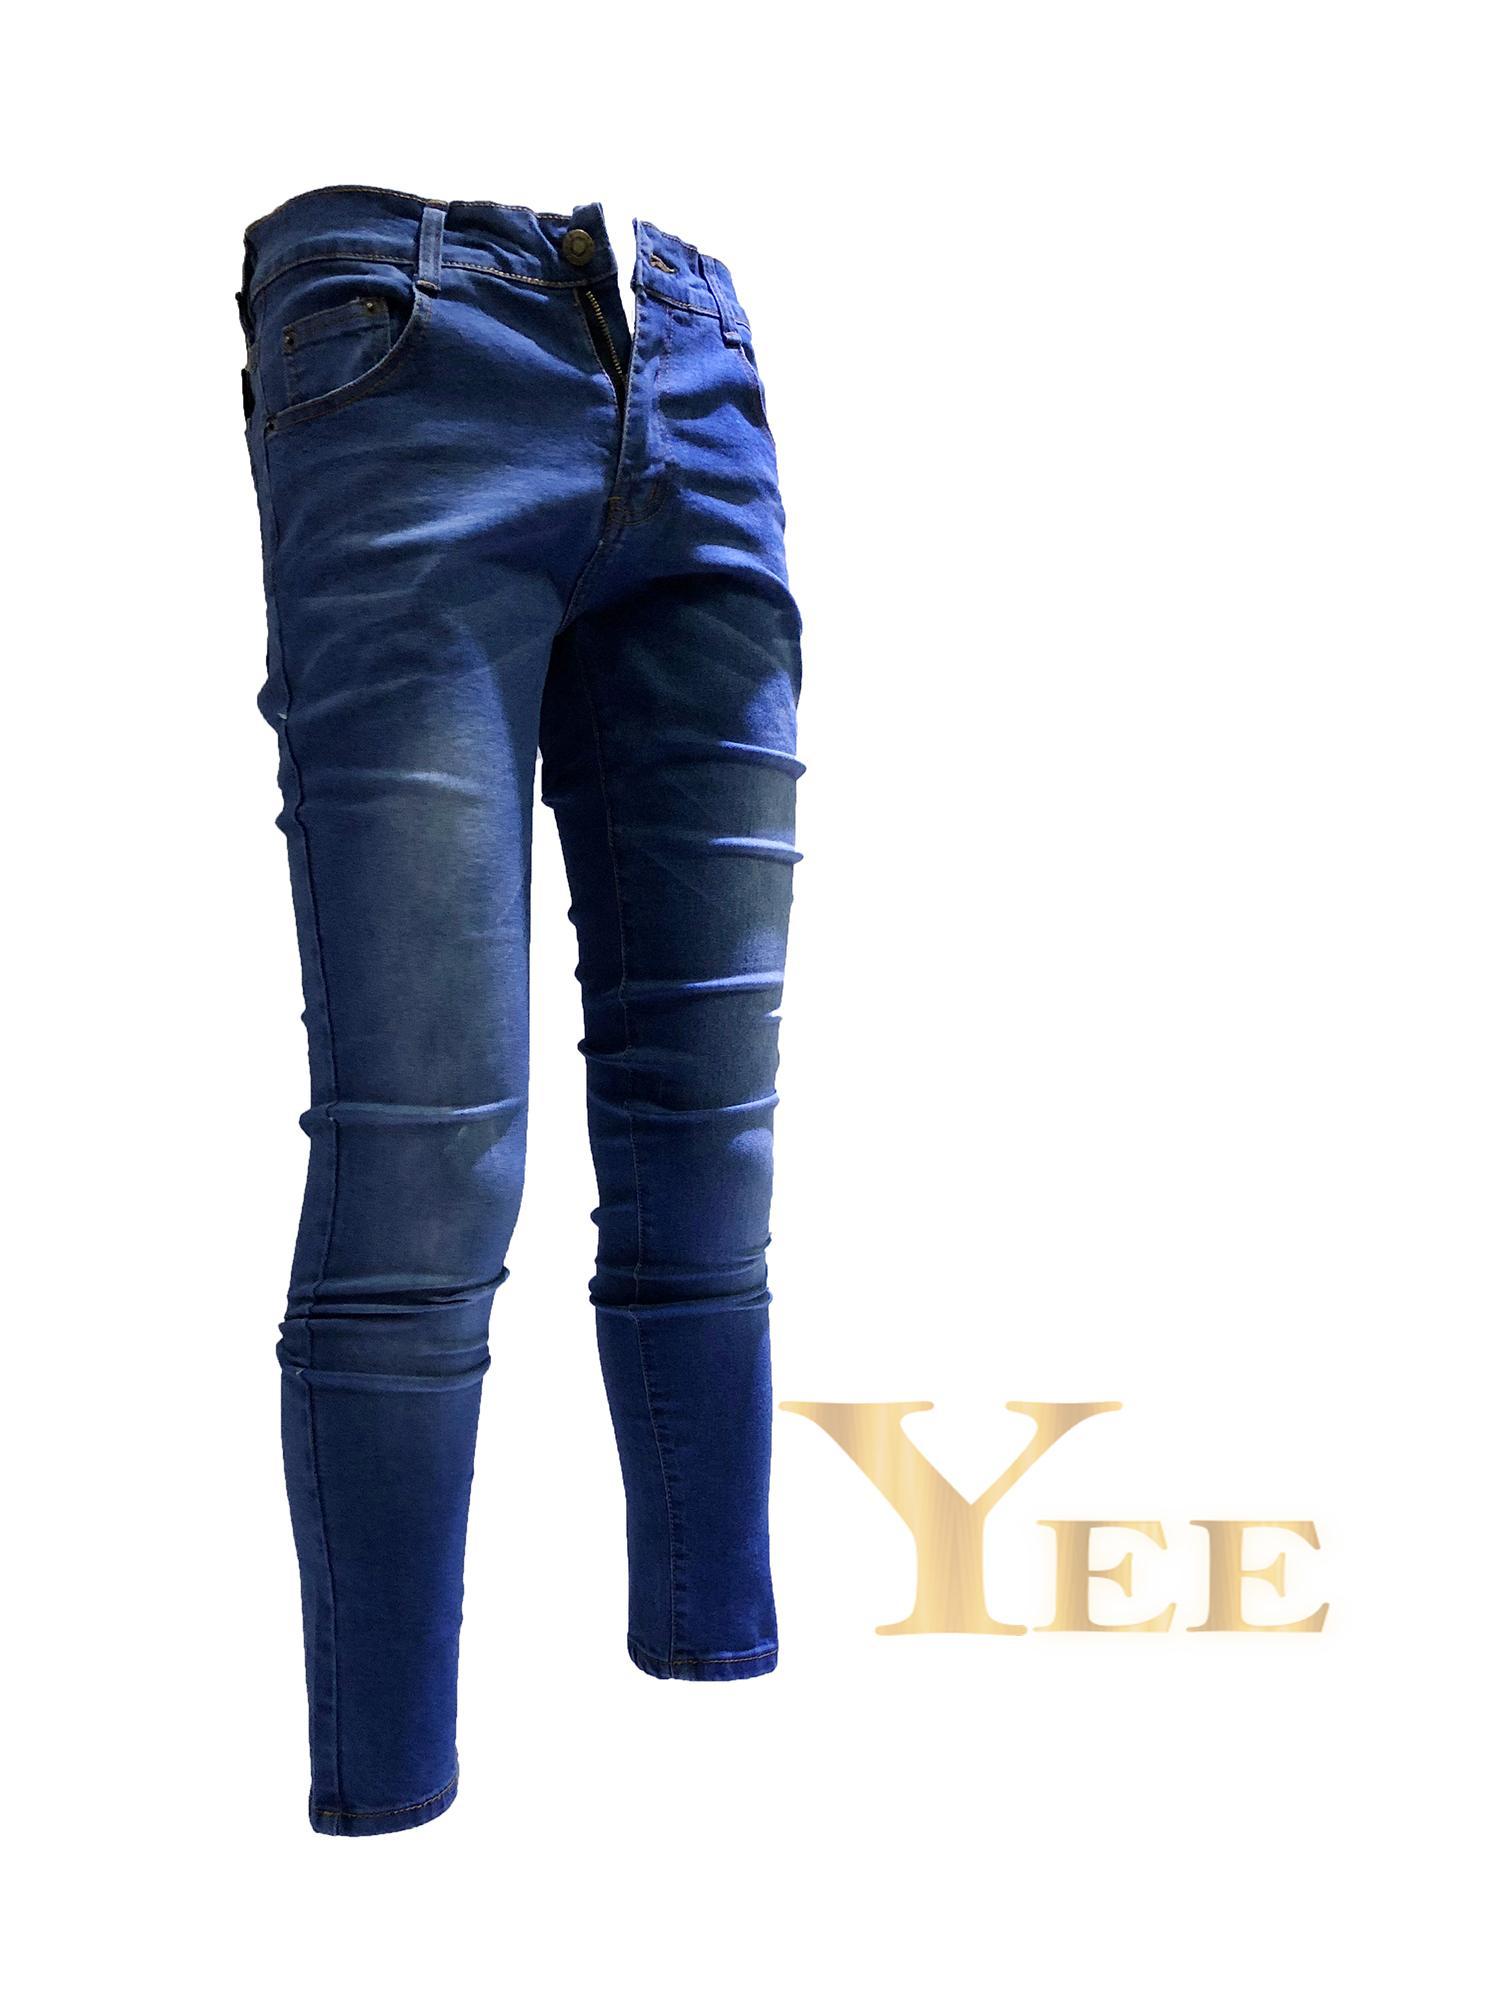 46102f7d4b6e Levi s Mens 501 Basic Original Fit Jeans Mens Jeans Buy Jeans for ...